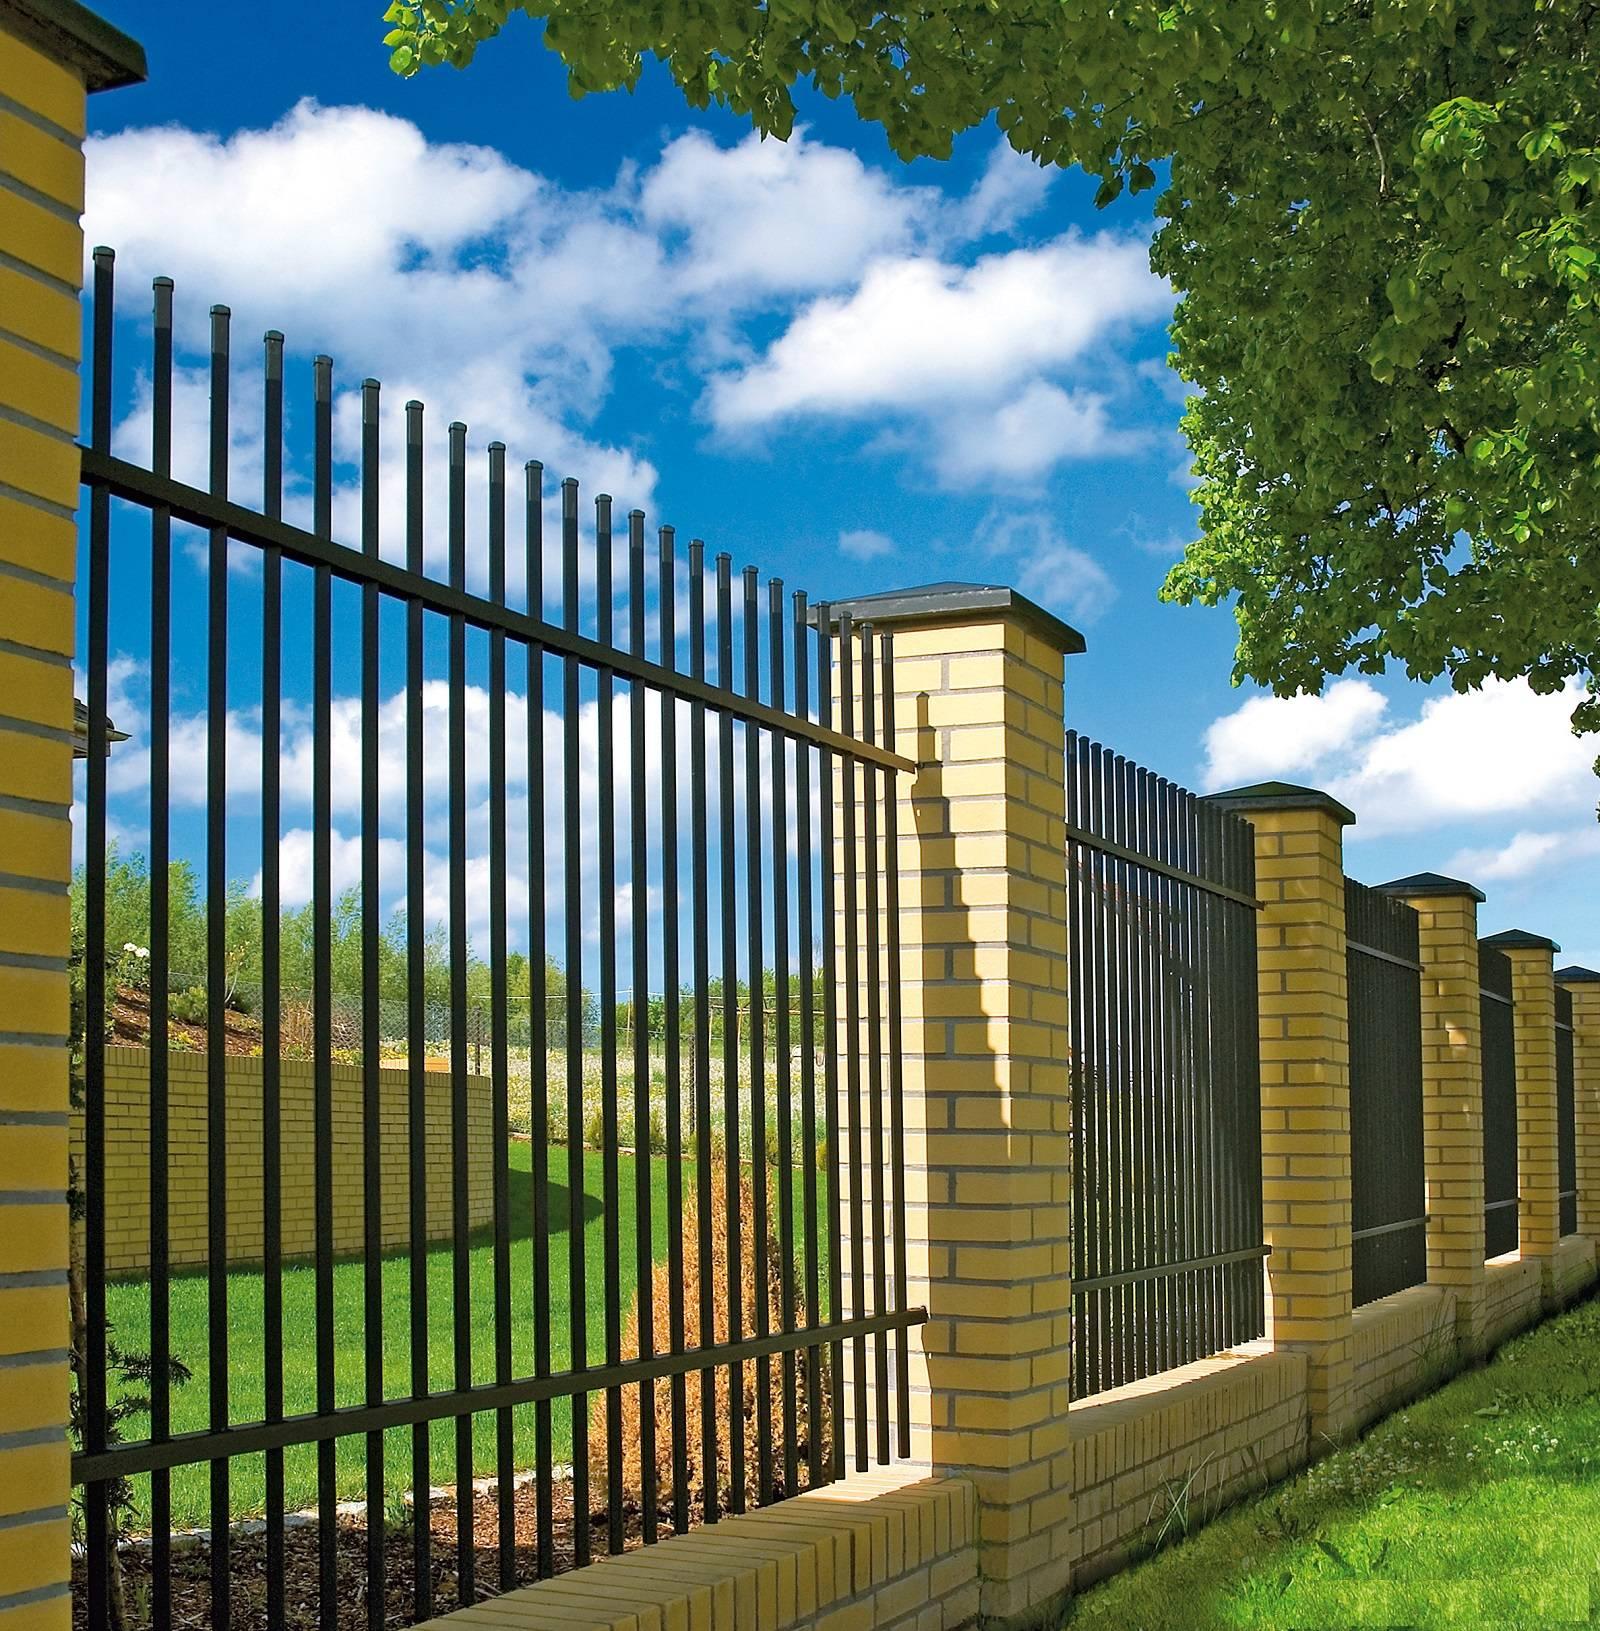 100 вариантов оформления заборов и ограждений для частного дома